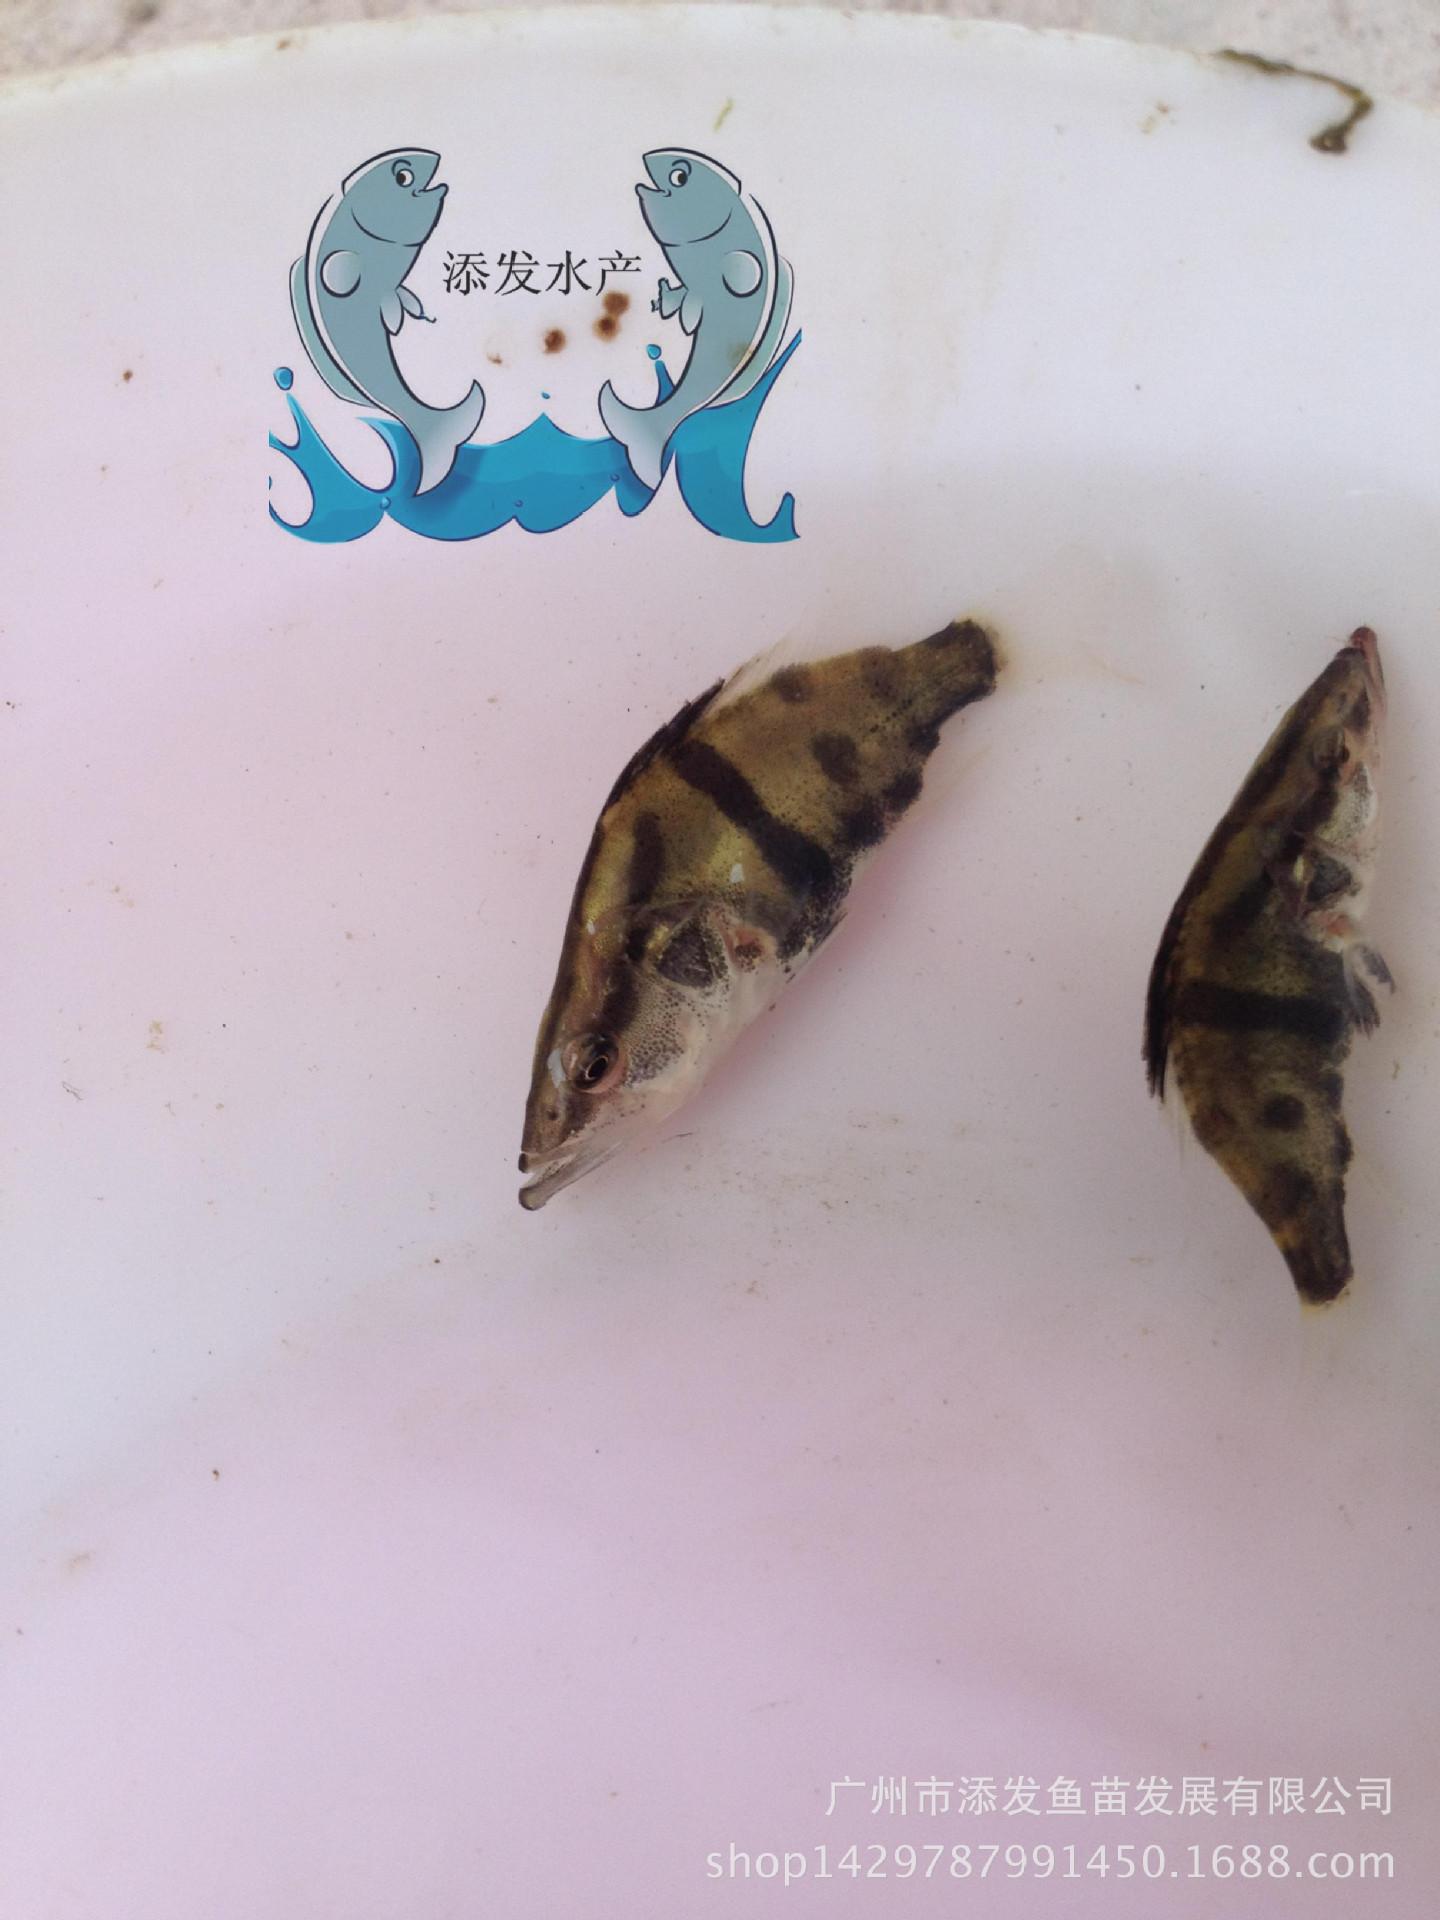 【大量批发】桂花鱼苗批发 鳜鱼供应示例图1